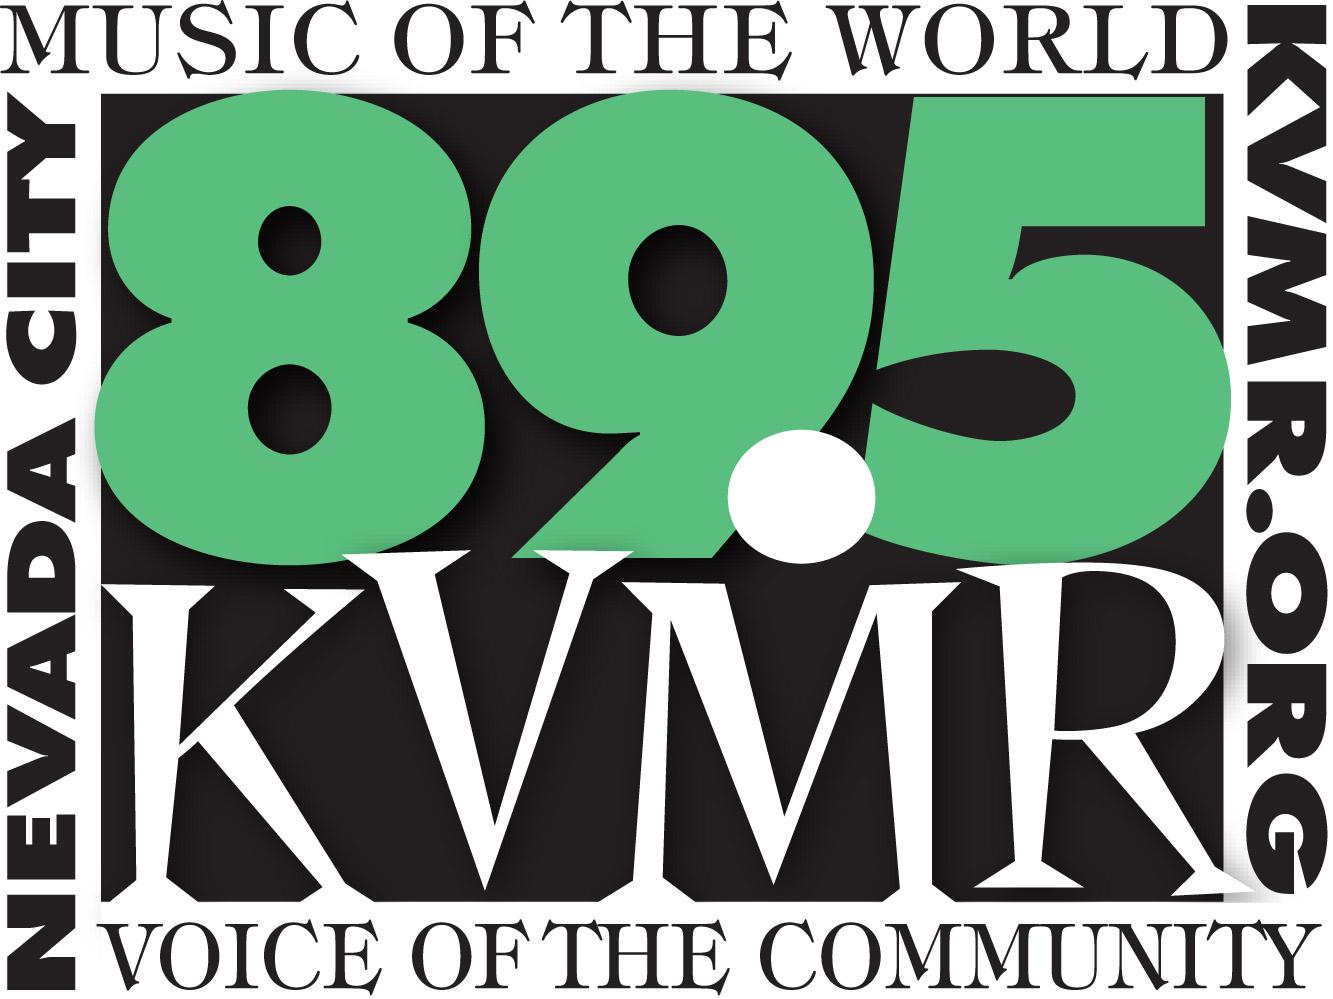 KVMR logo grn 2015